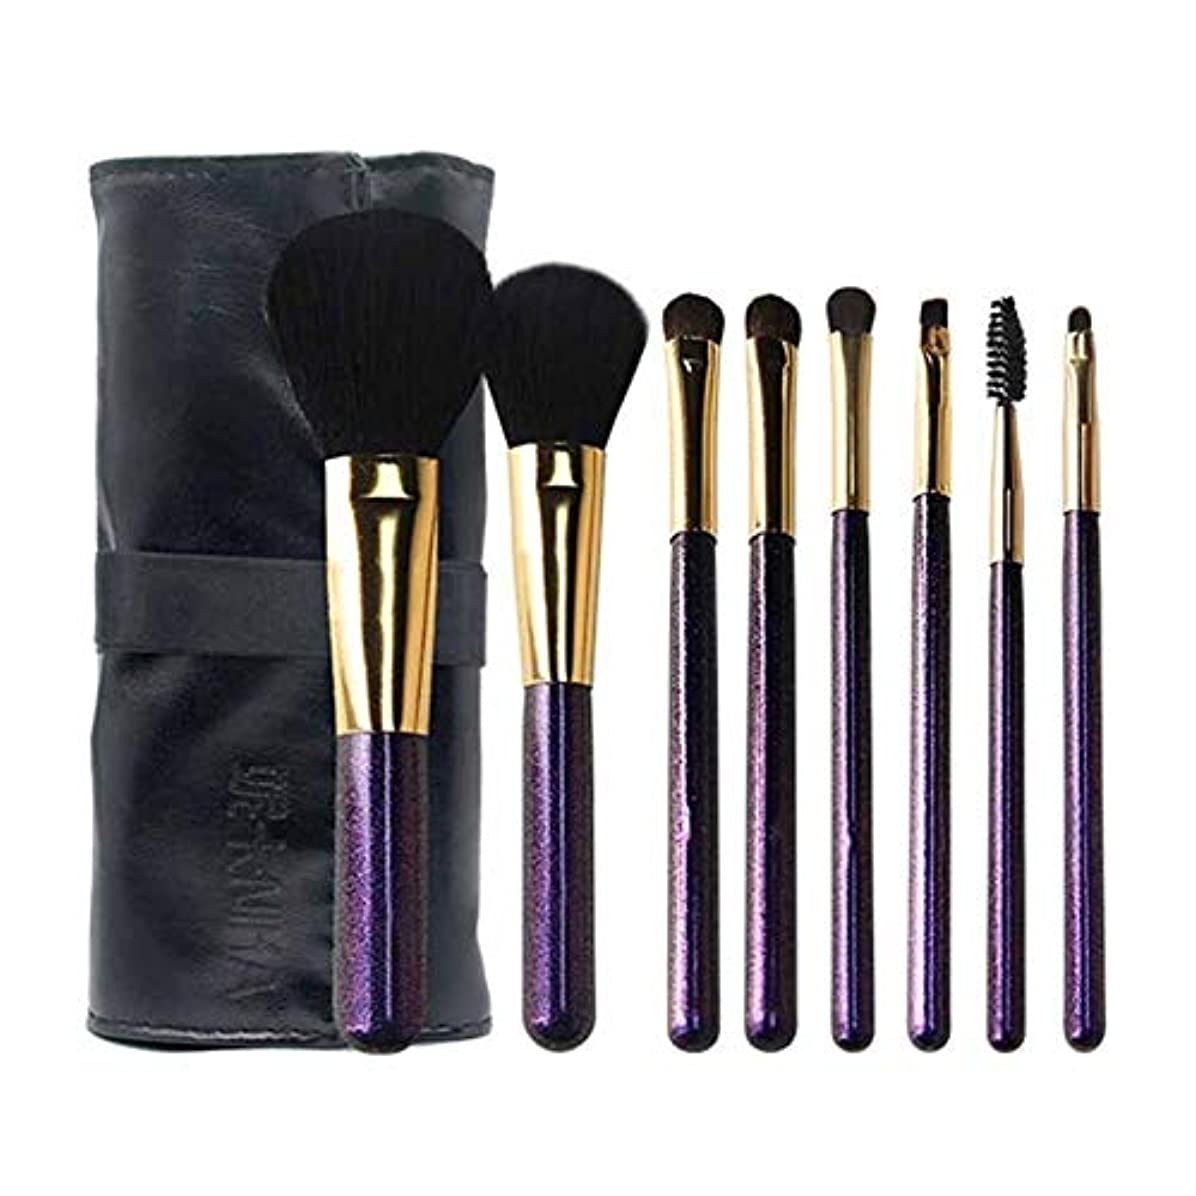 誤オーバーラン信者TUOFL メイクブラシ、8スティックメイクブラシセット、プロフェッショナルメイクアップツール、高品質ファイバー髪、ソフトで滑らかな髪、快適な肌、パープル (Color : Purple)